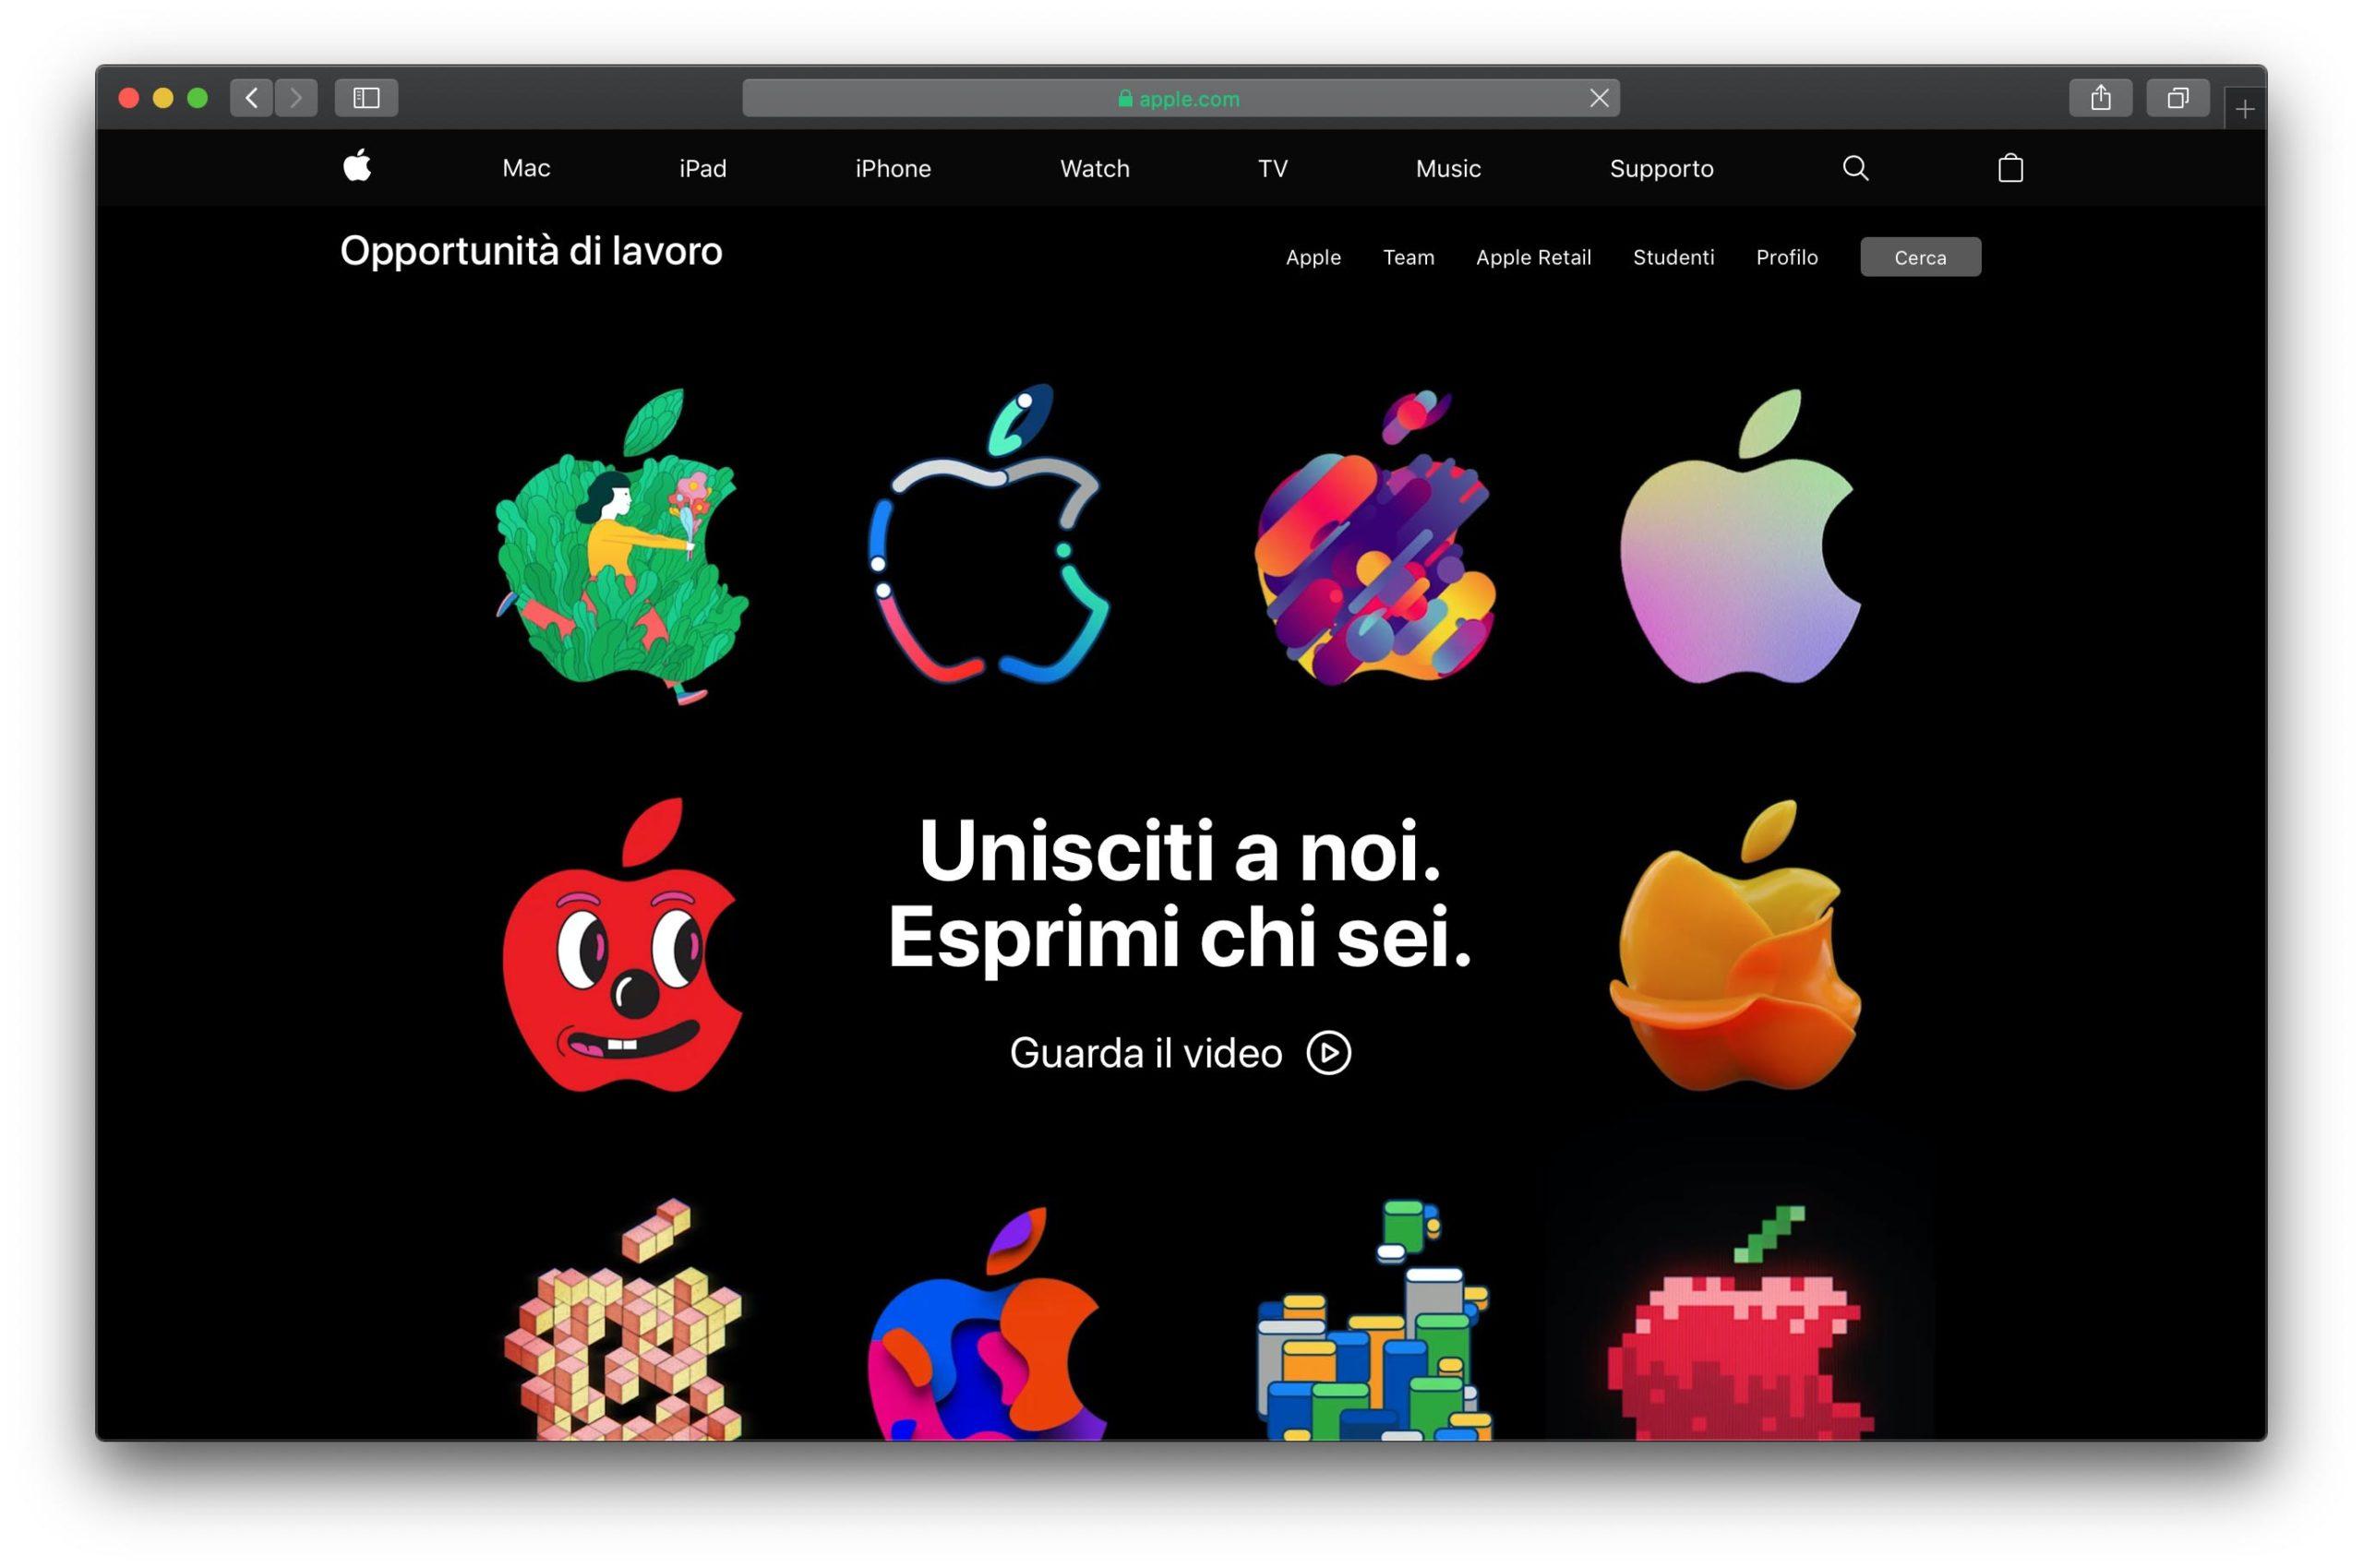 Apple ha rinnovato la sezione delle offerte di lavoro sul sito